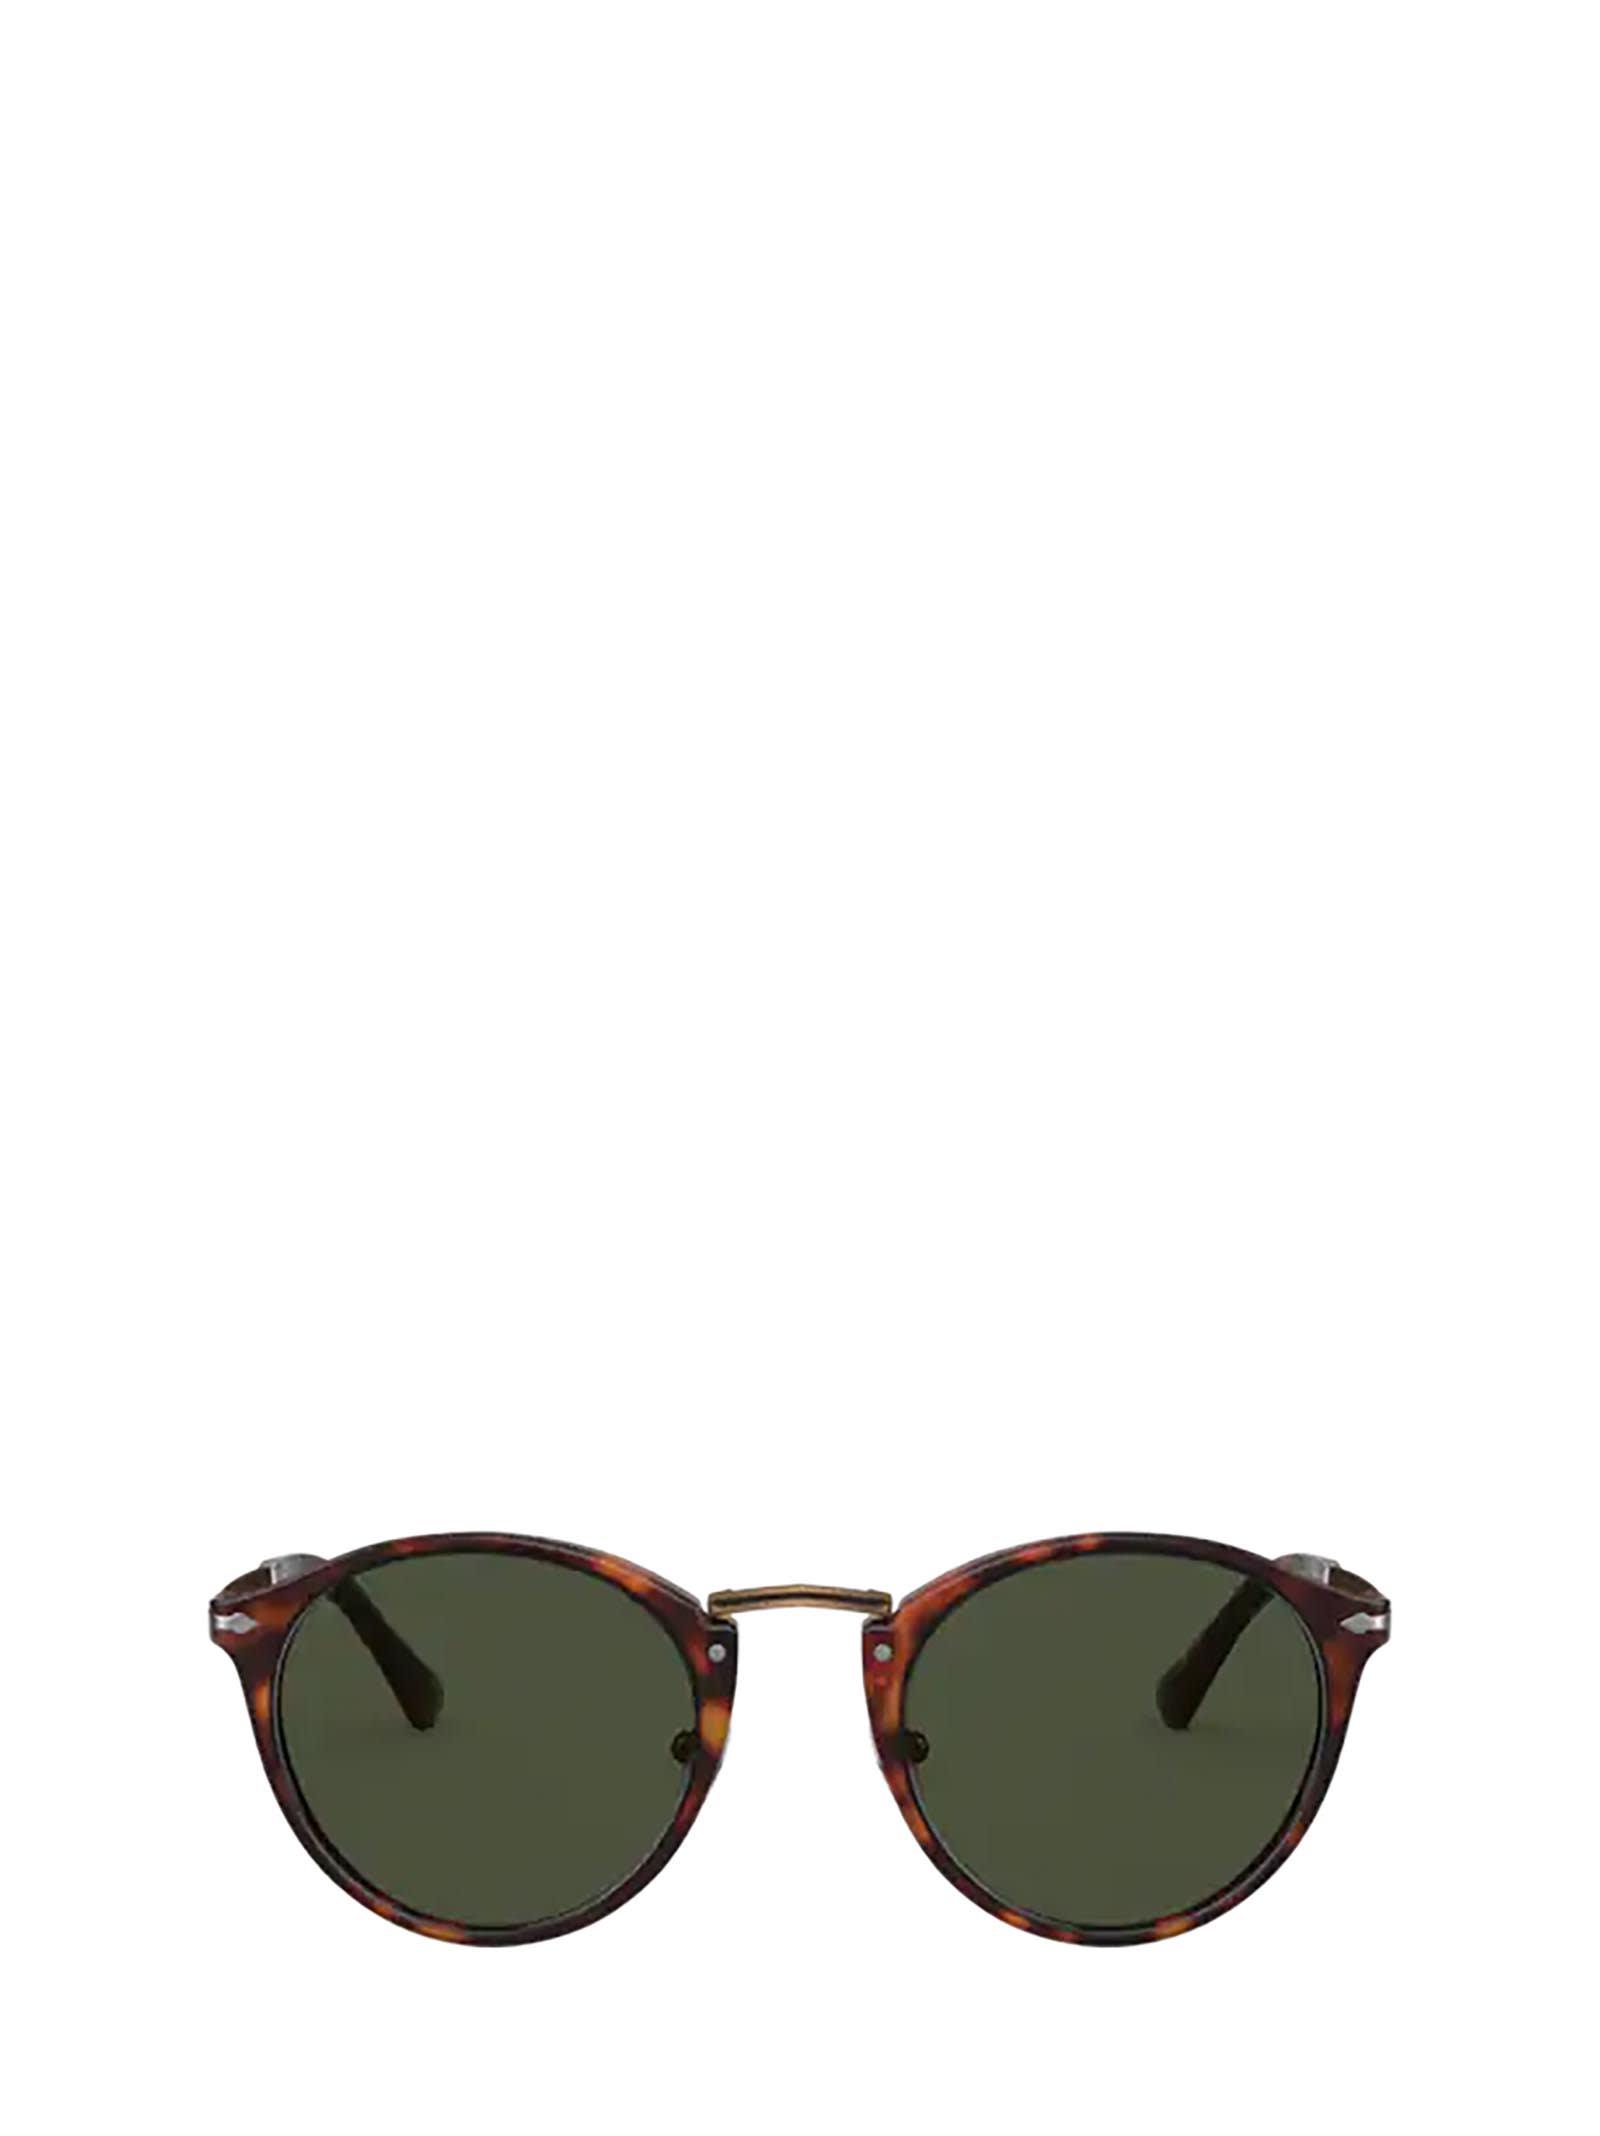 Persol Persol Po3248s Havana Sunglasses